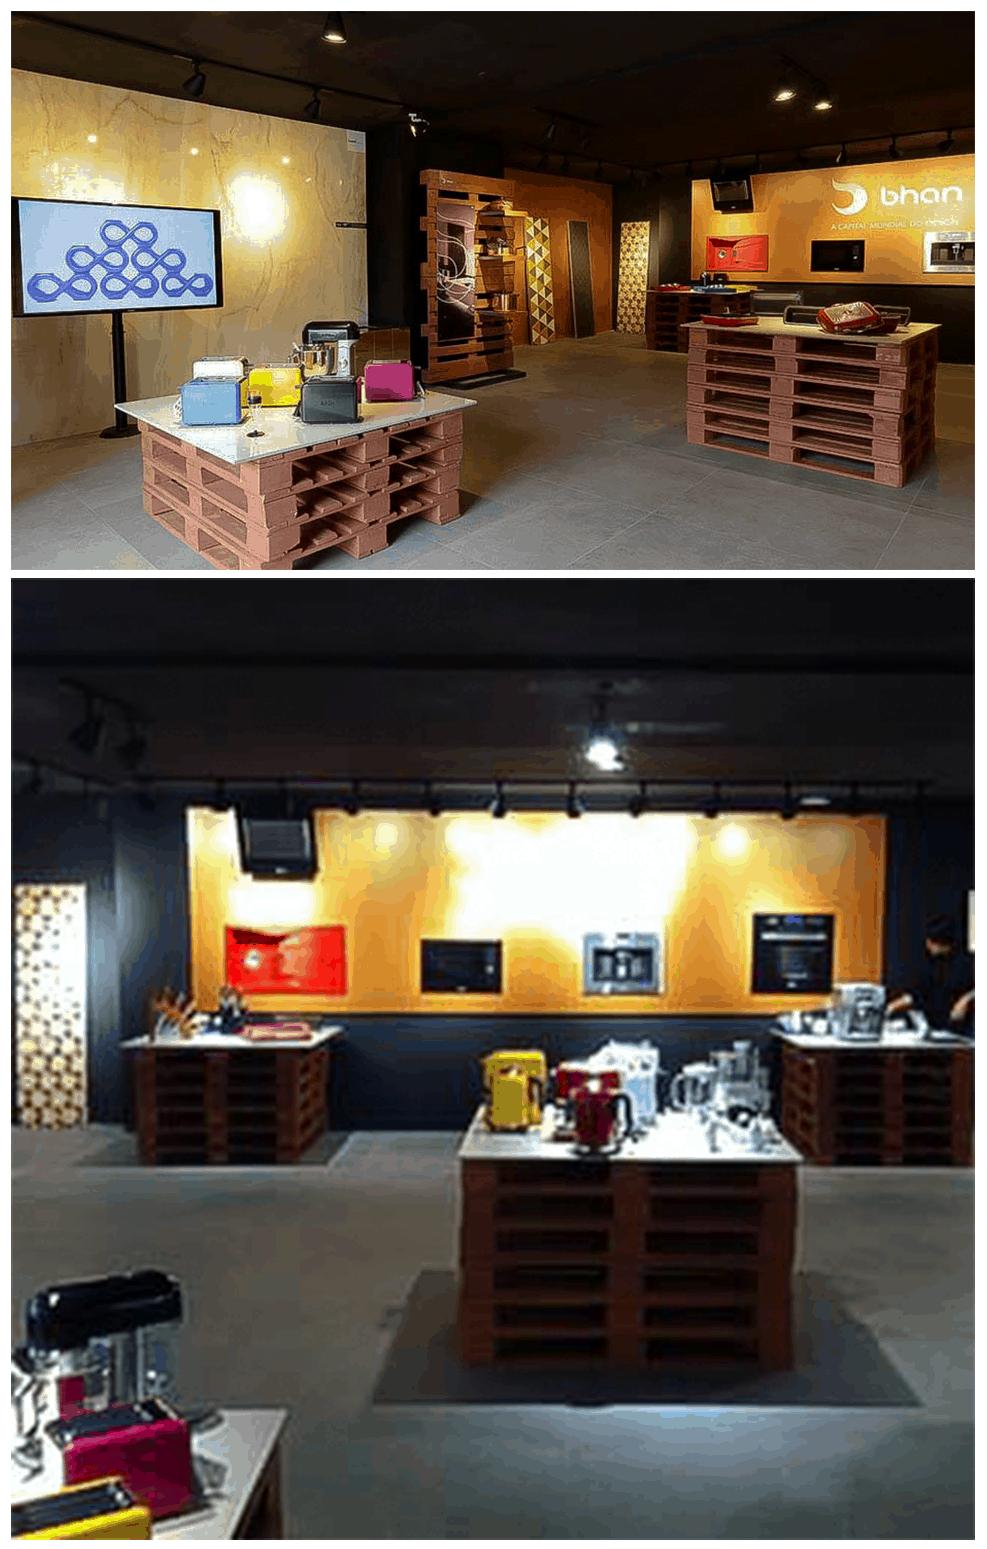 julio-takano-loja-bahan-casa-cor-decorar-com-charme